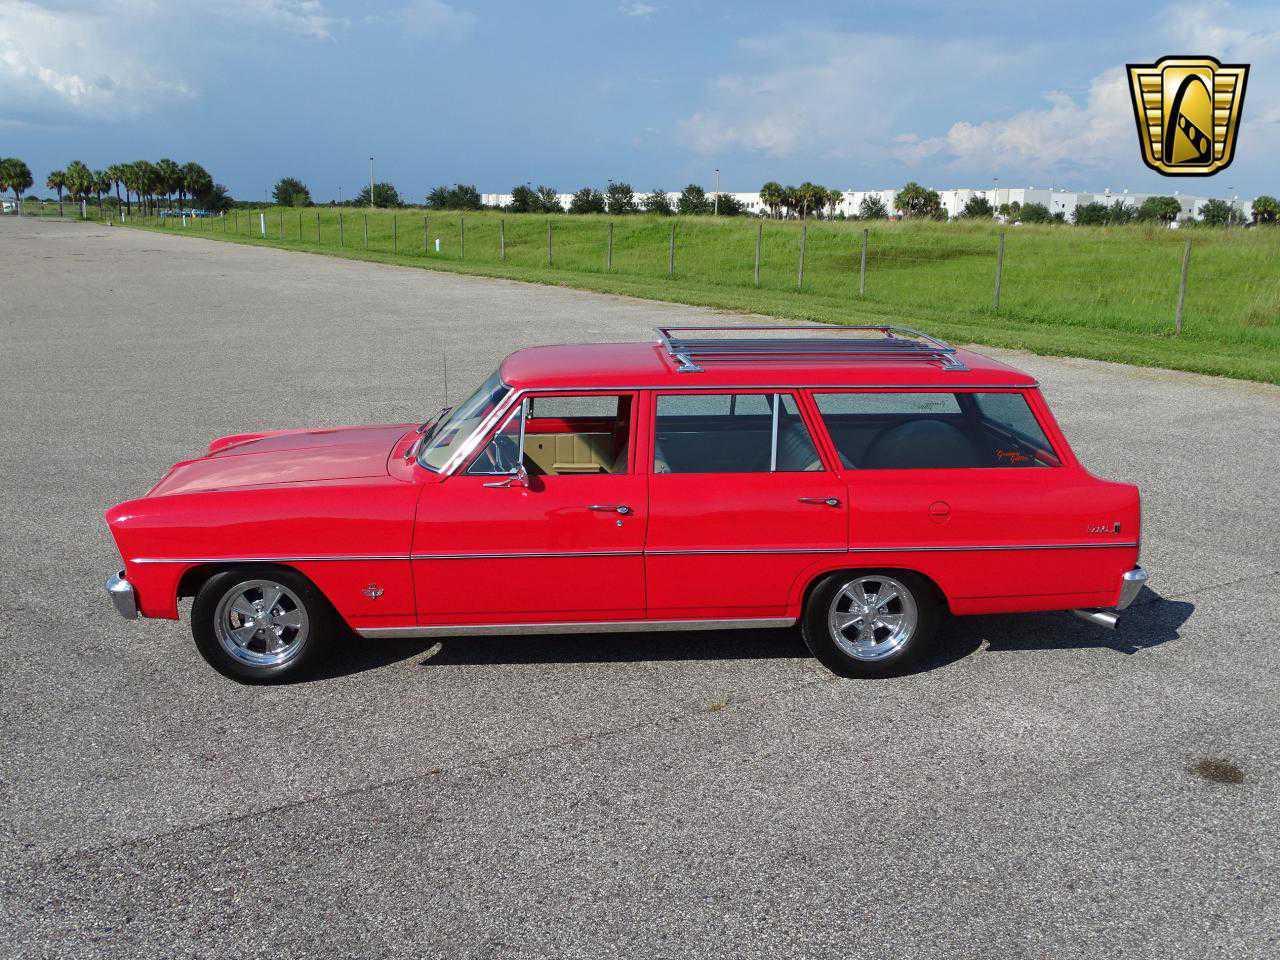 1966 Chevrolet Nova For Sale In O Fallon Il Gcctpa1306 Station Wagon